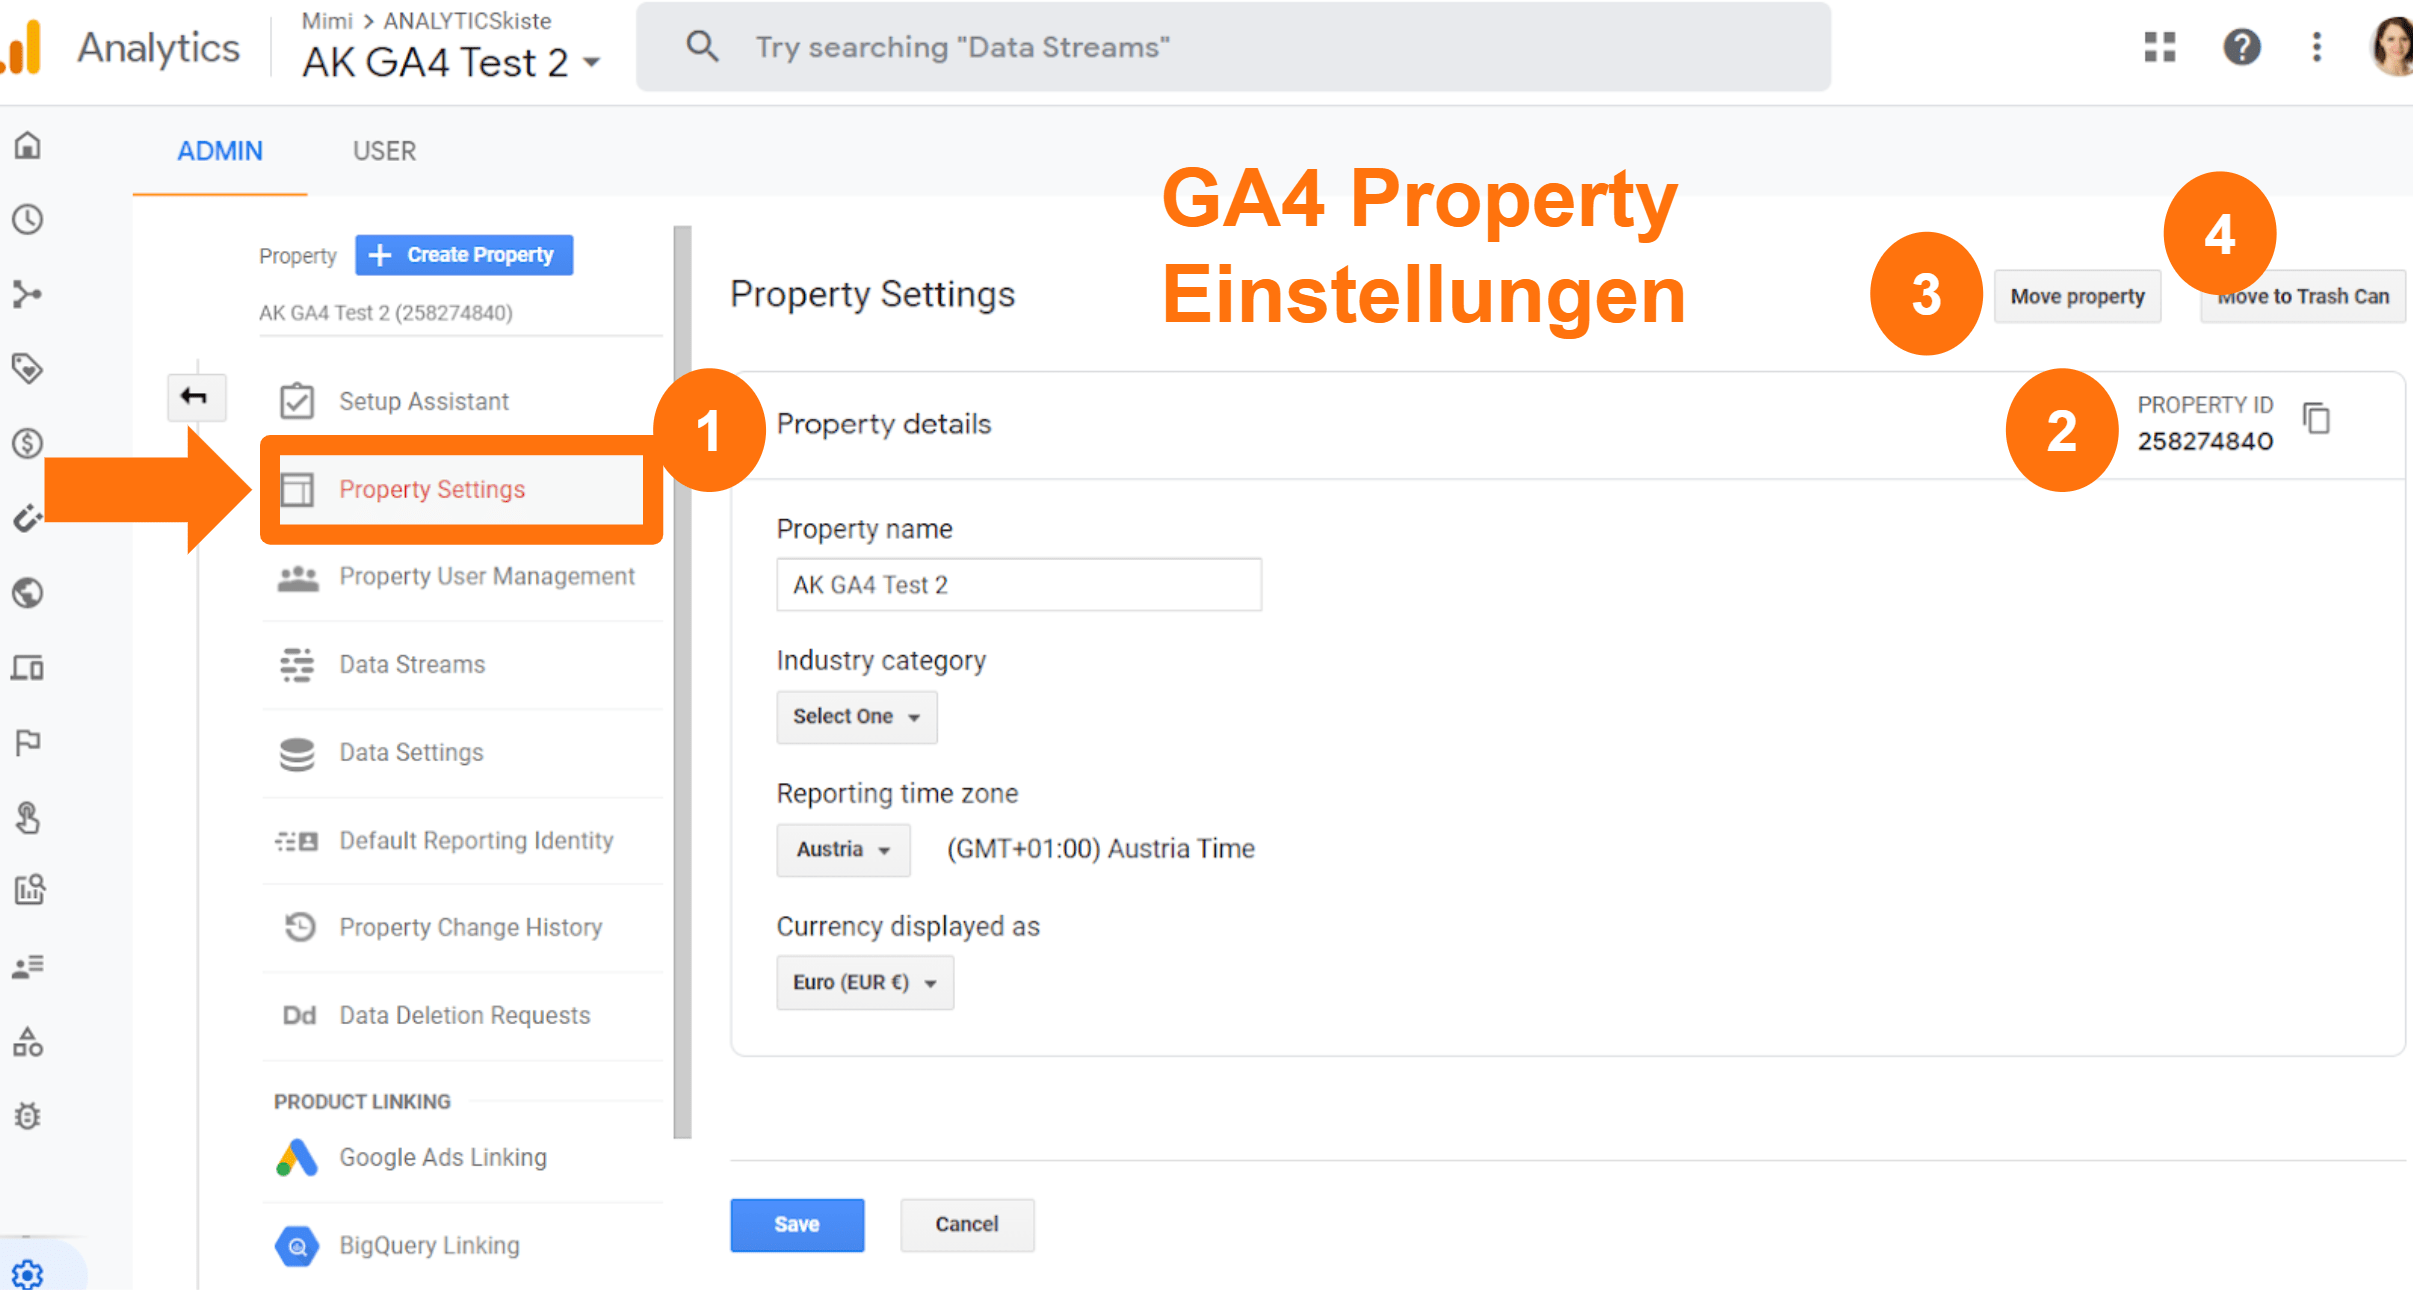 Google Analytics 4 - Property Einstellungen